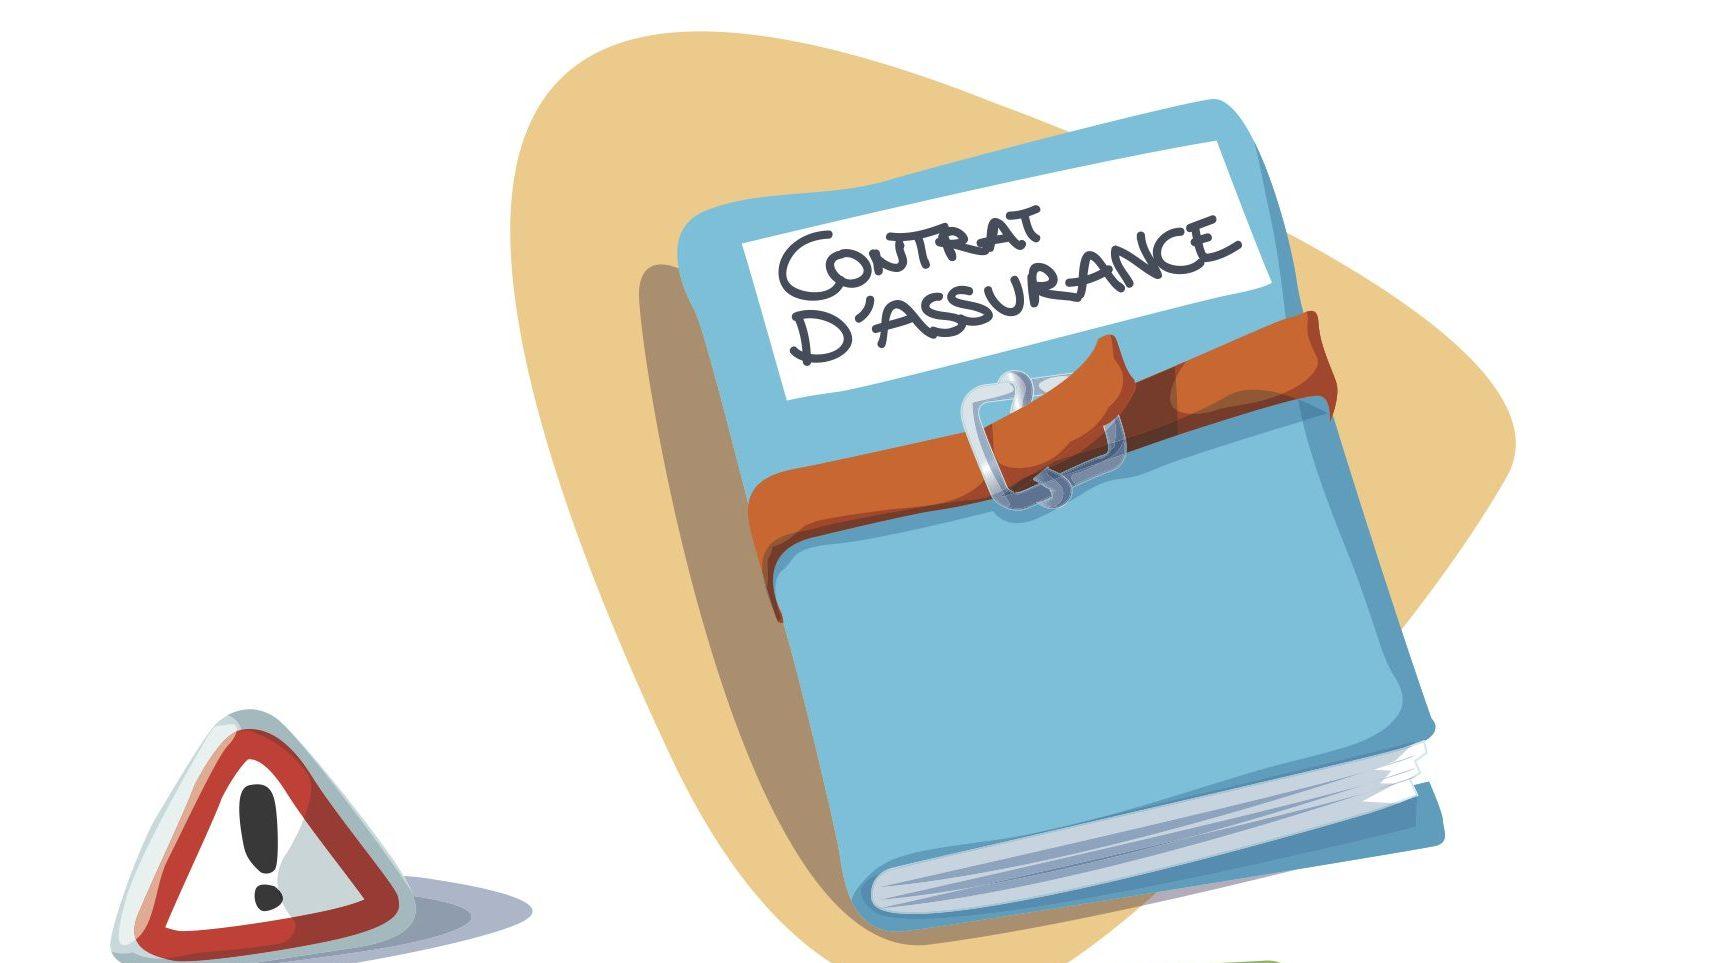 Assurance de personne : que prend-elle en charge ?